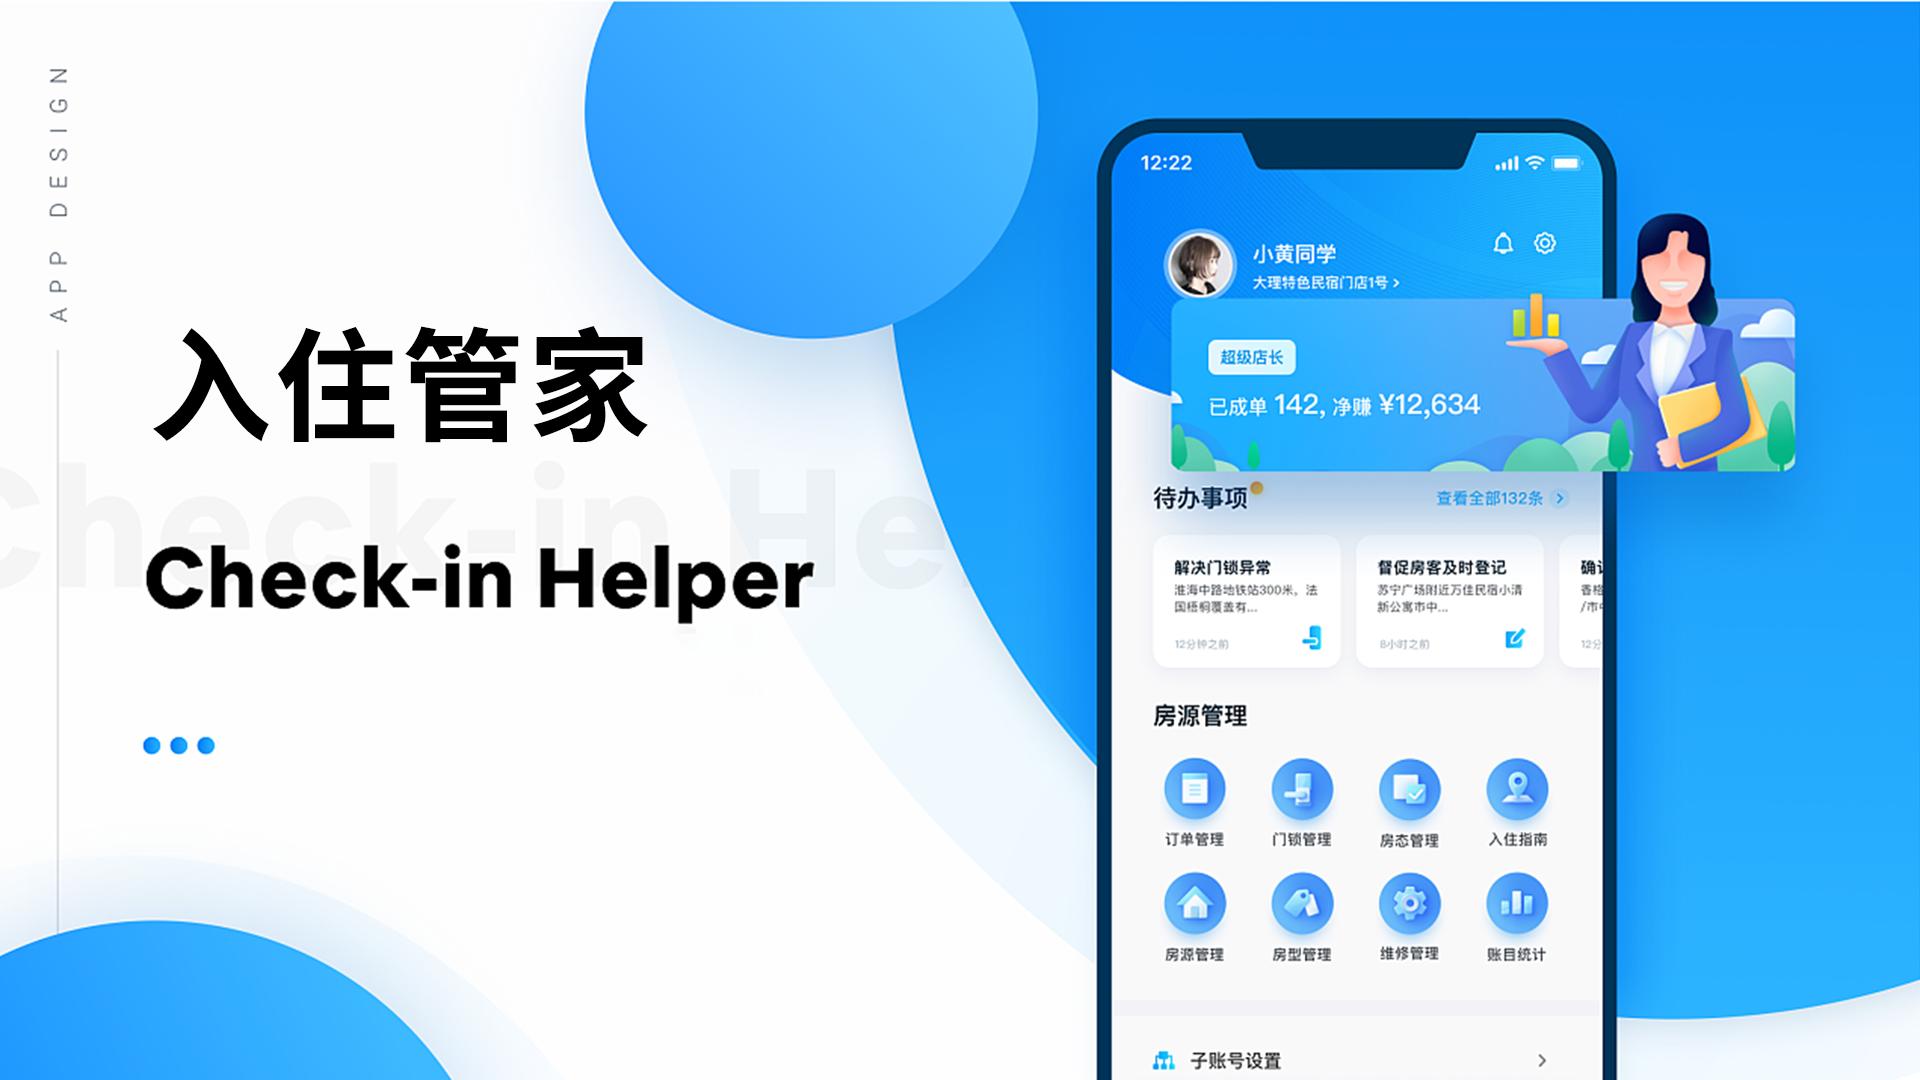 网页设计/网站设计/UI设计/app/小程序/H5/界面设计